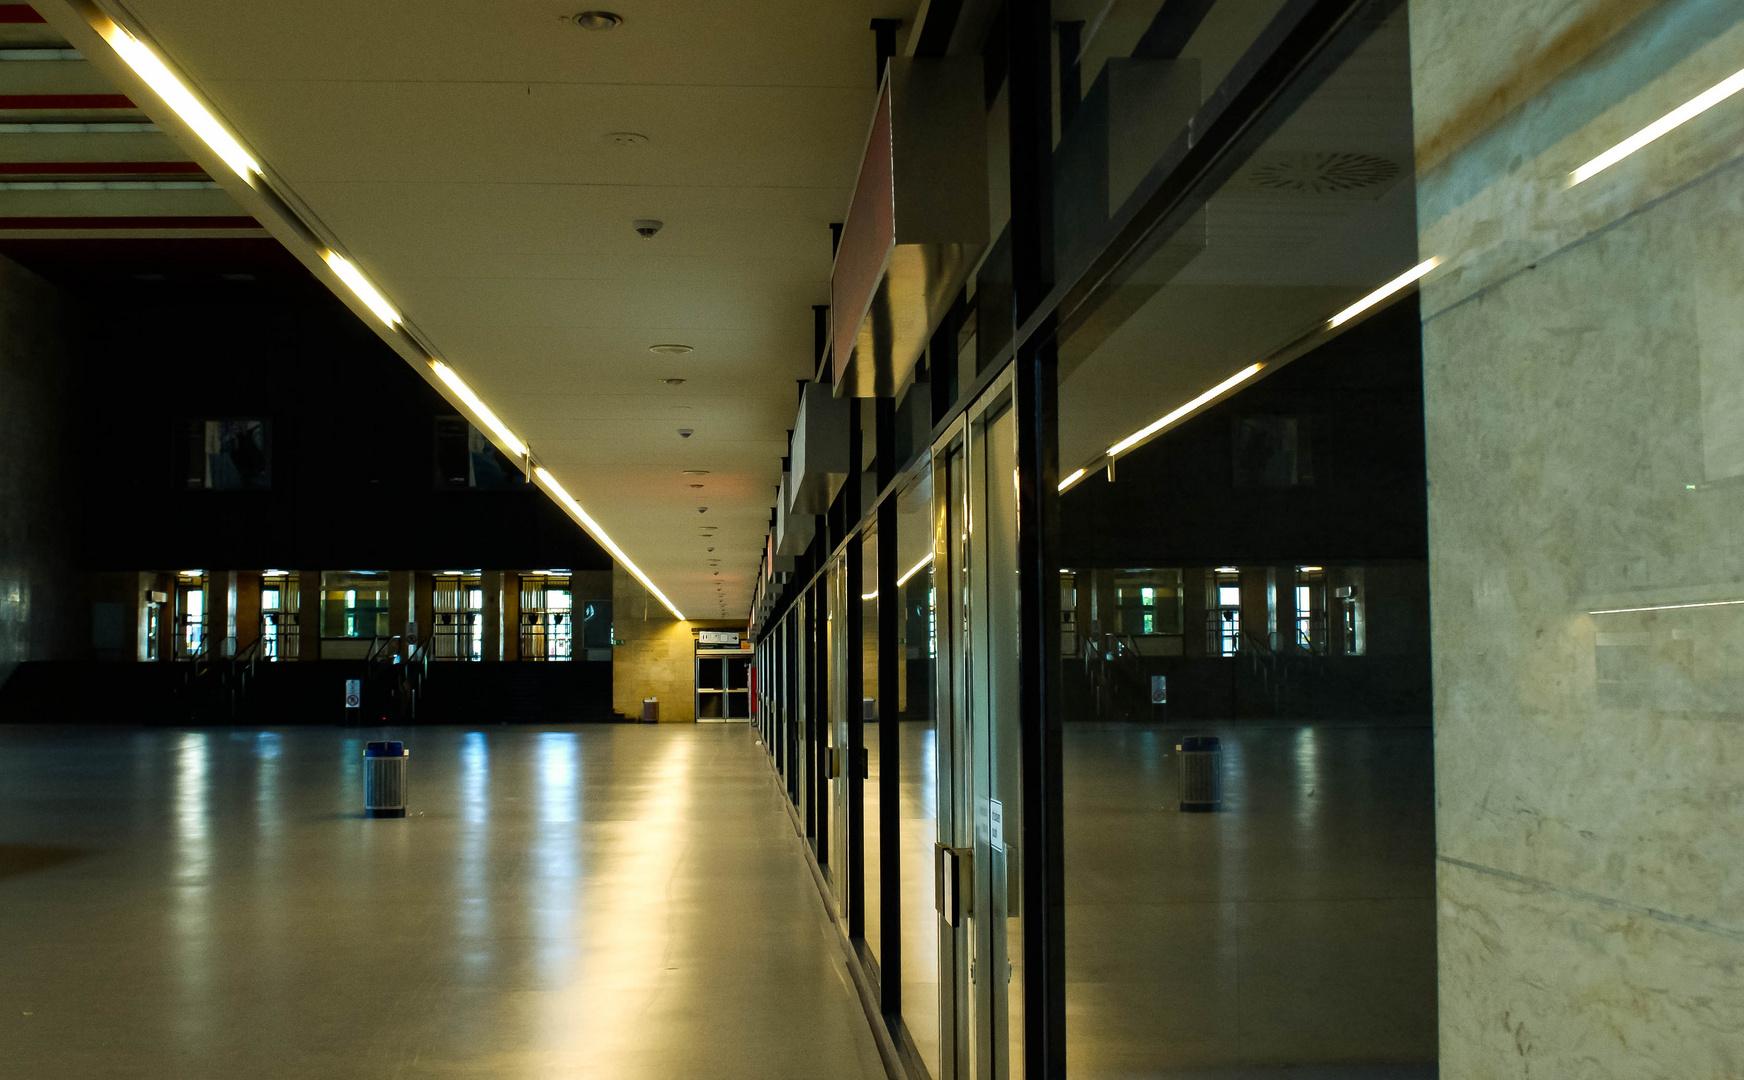 Flughafen Berlin Tempelhof 2011